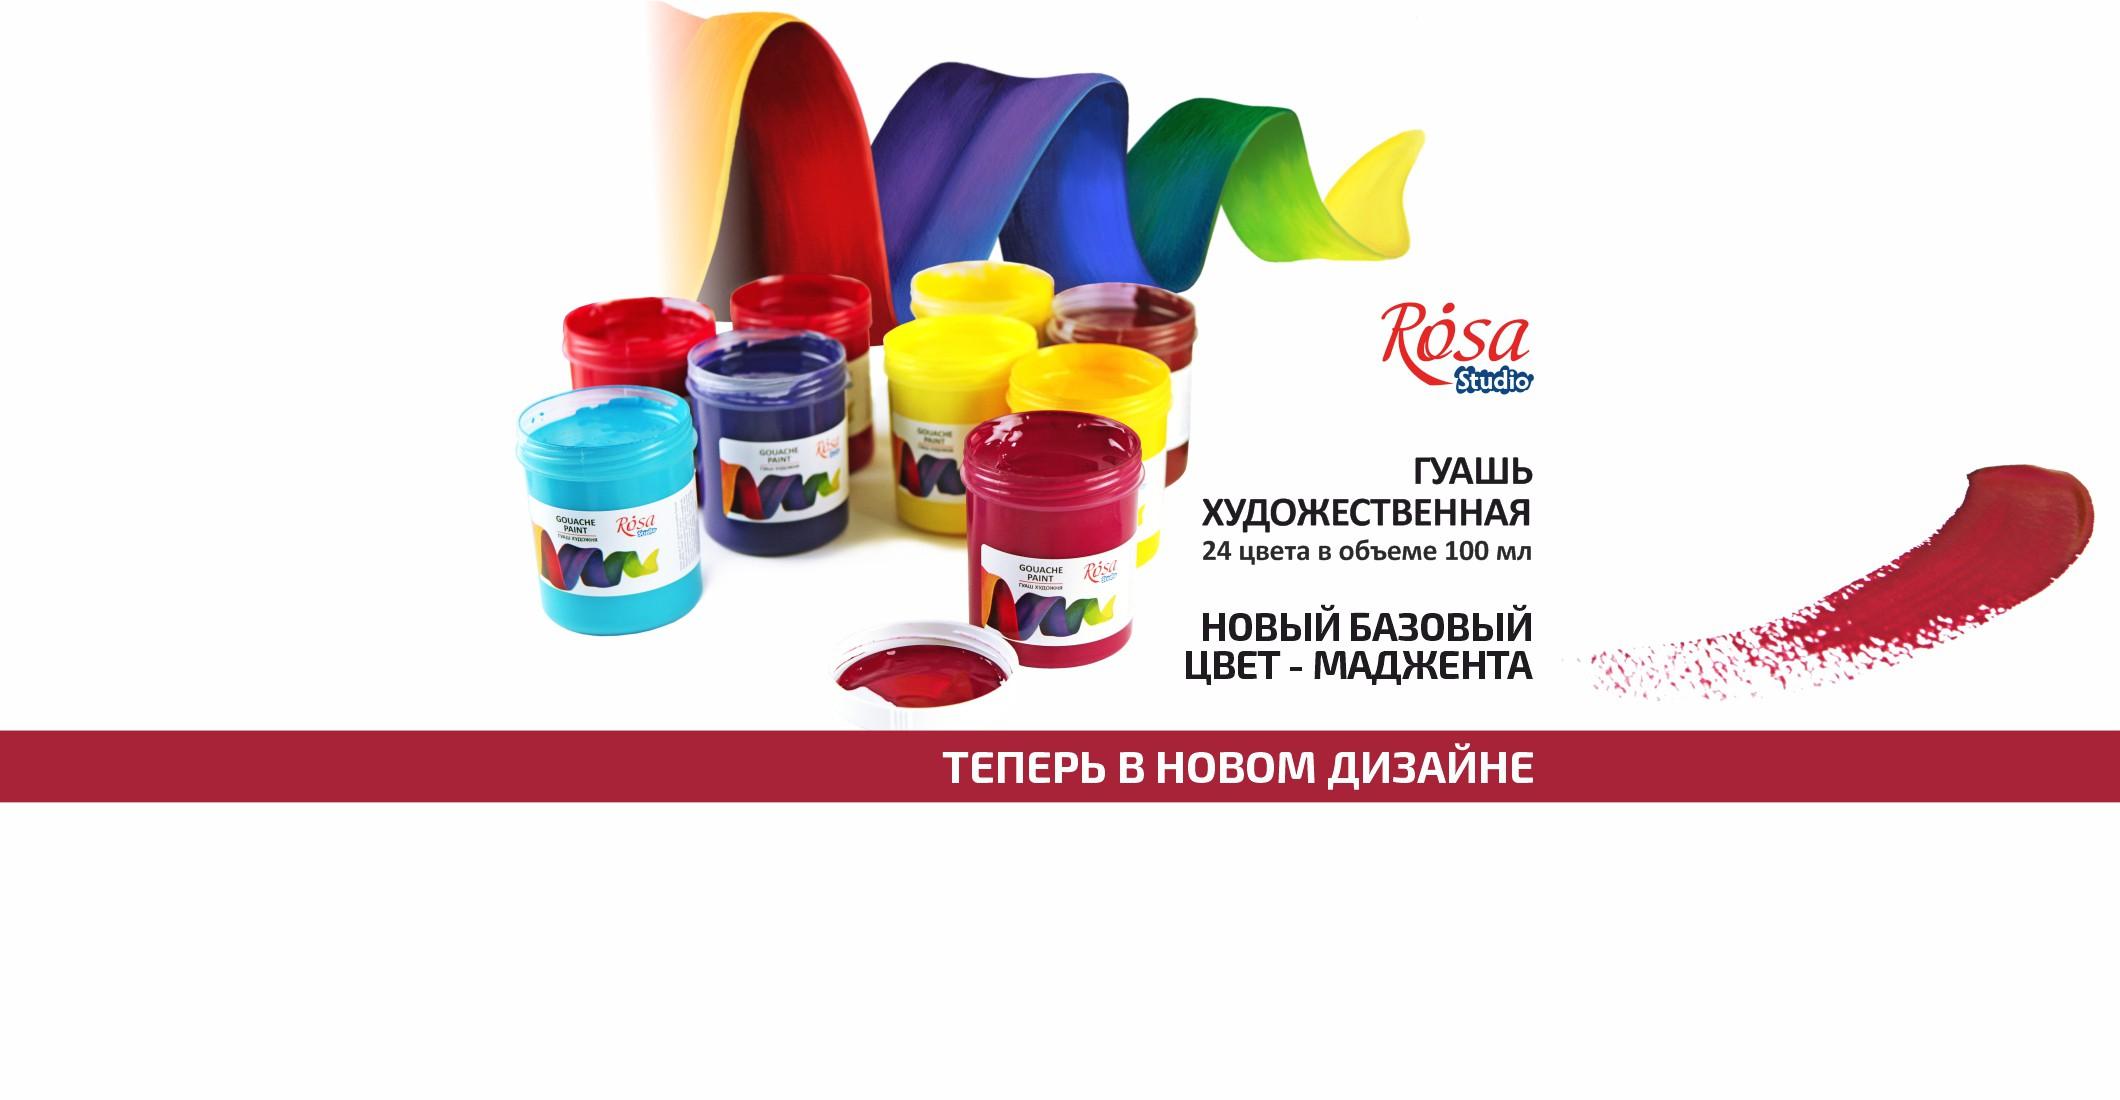 Гуашь художественная ROSA Studio в новом дизайне